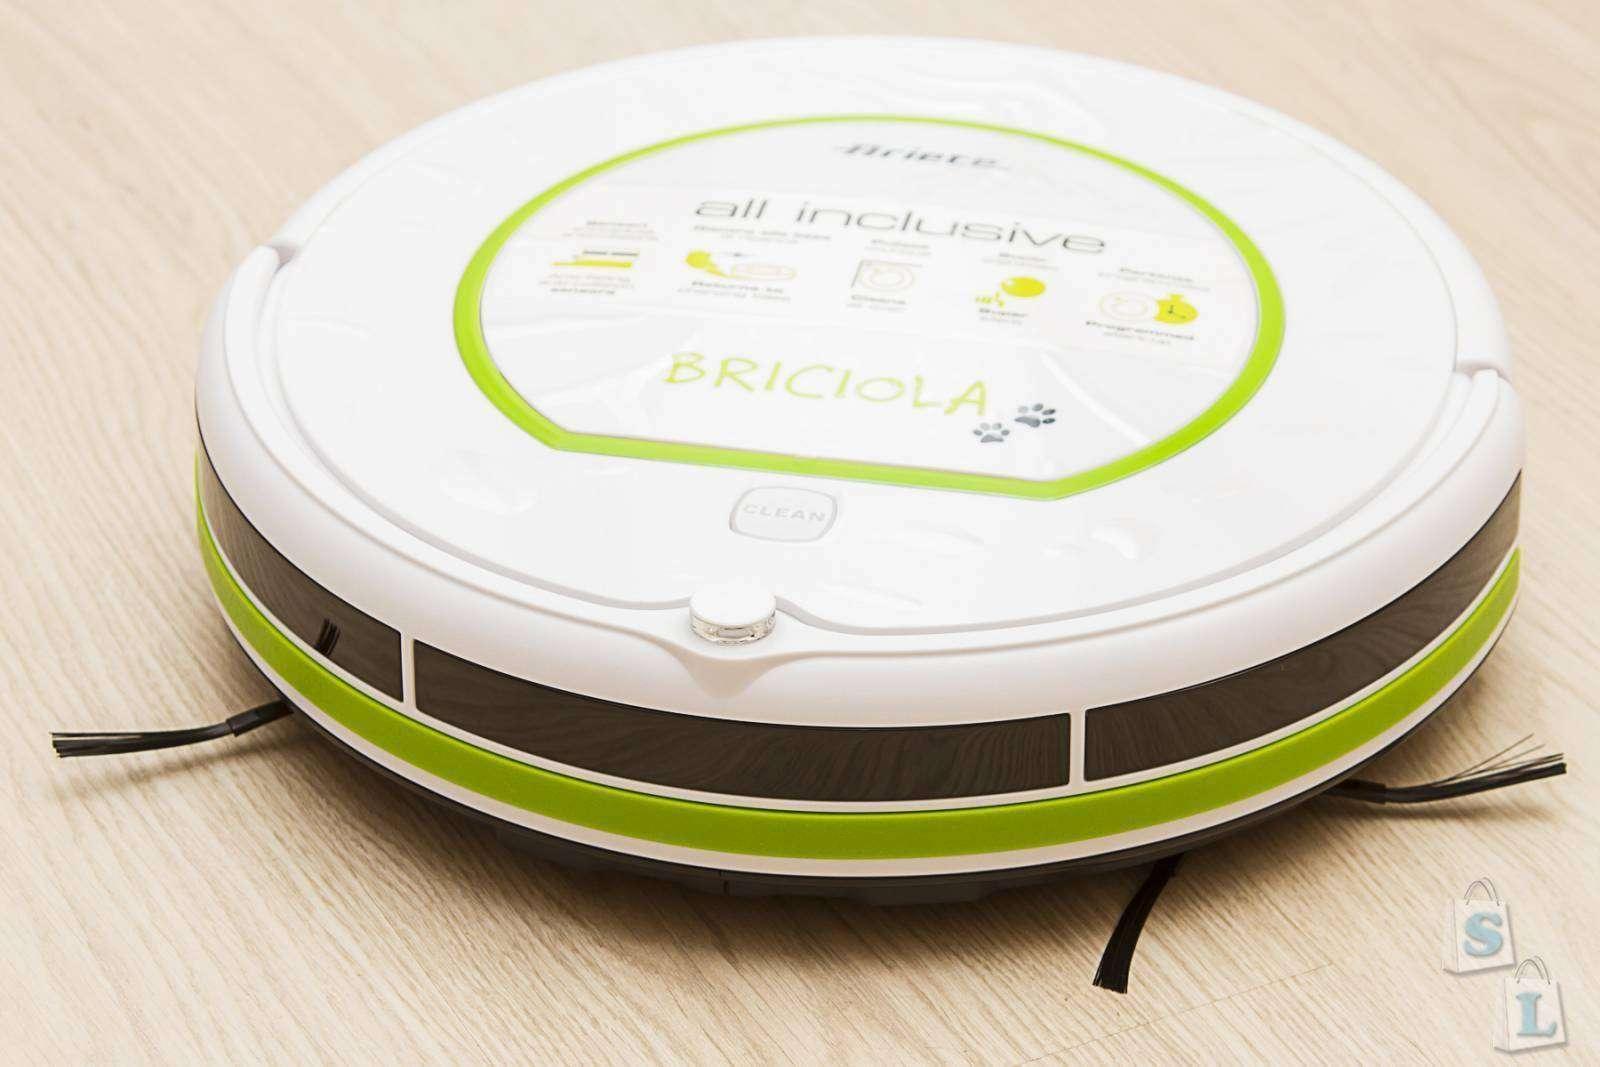 Розетка: Обзор робота пылесоса ARIETE BRICIOLA 2711